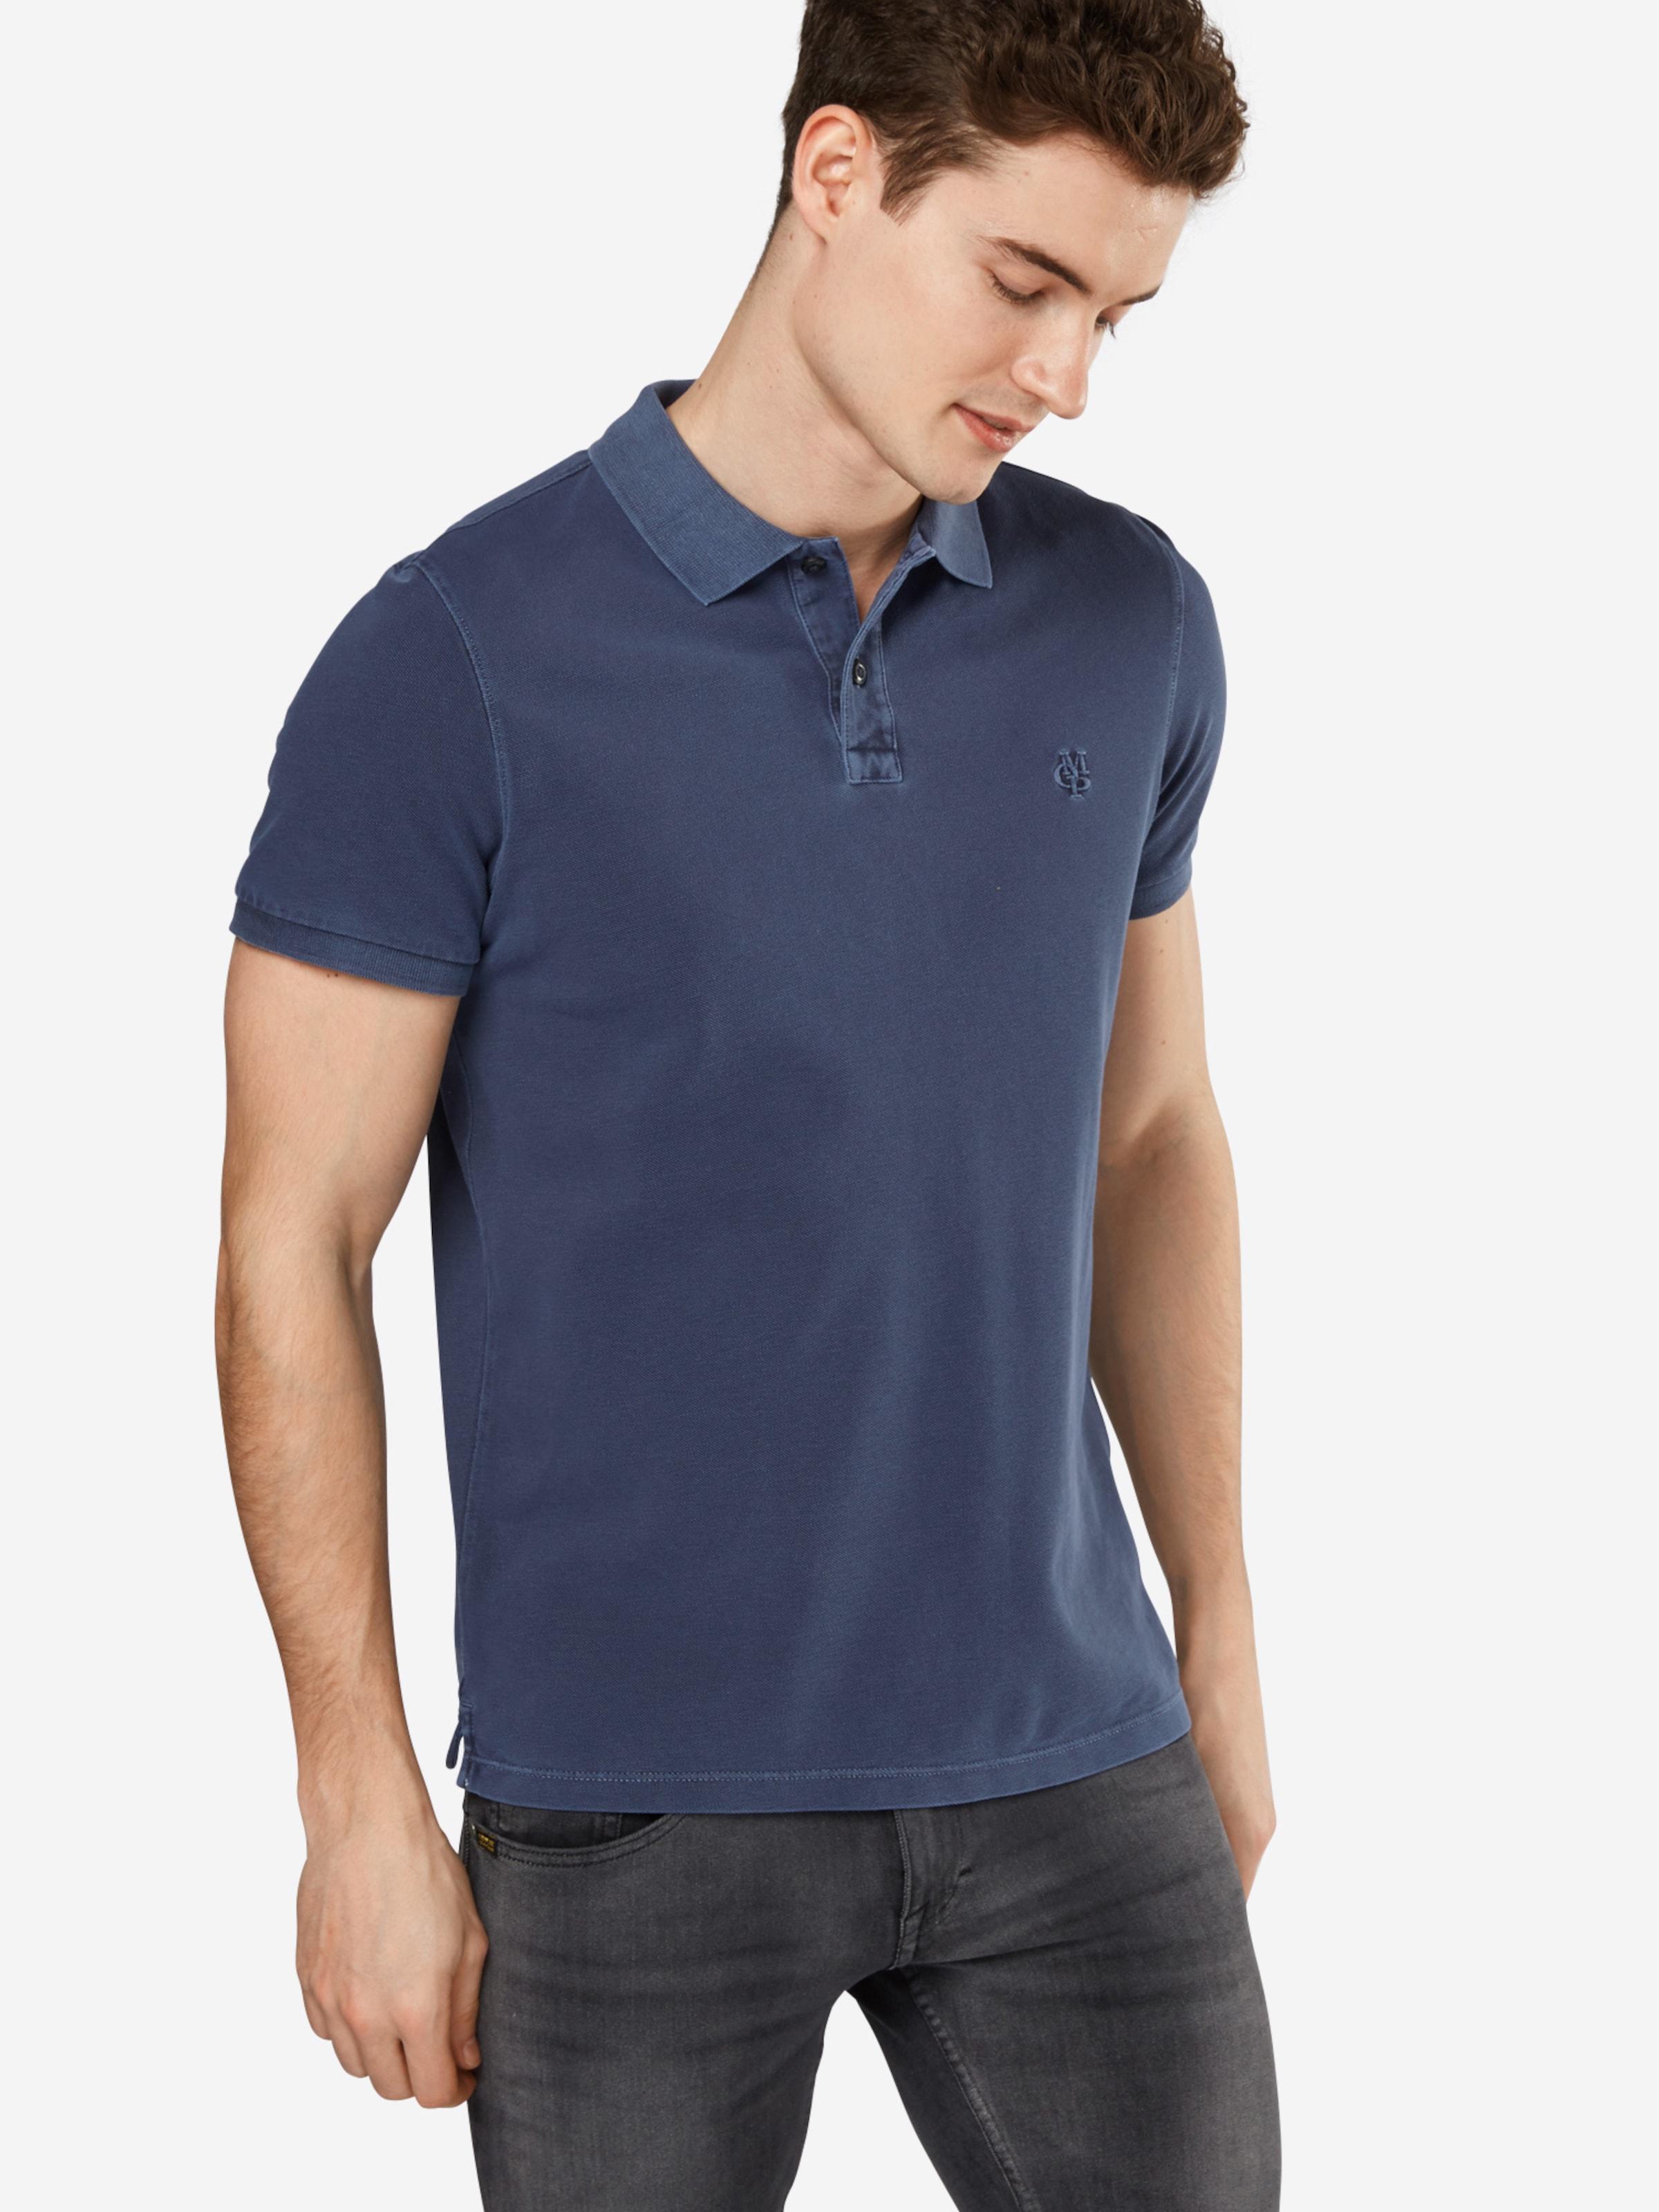 Auslass Großhandelspreis Marc O'Polo Poloshirt in spezieller Färbung Gute Qualität Freies Verschiffen Besuch Neu Marktfähig GwvP34mZ